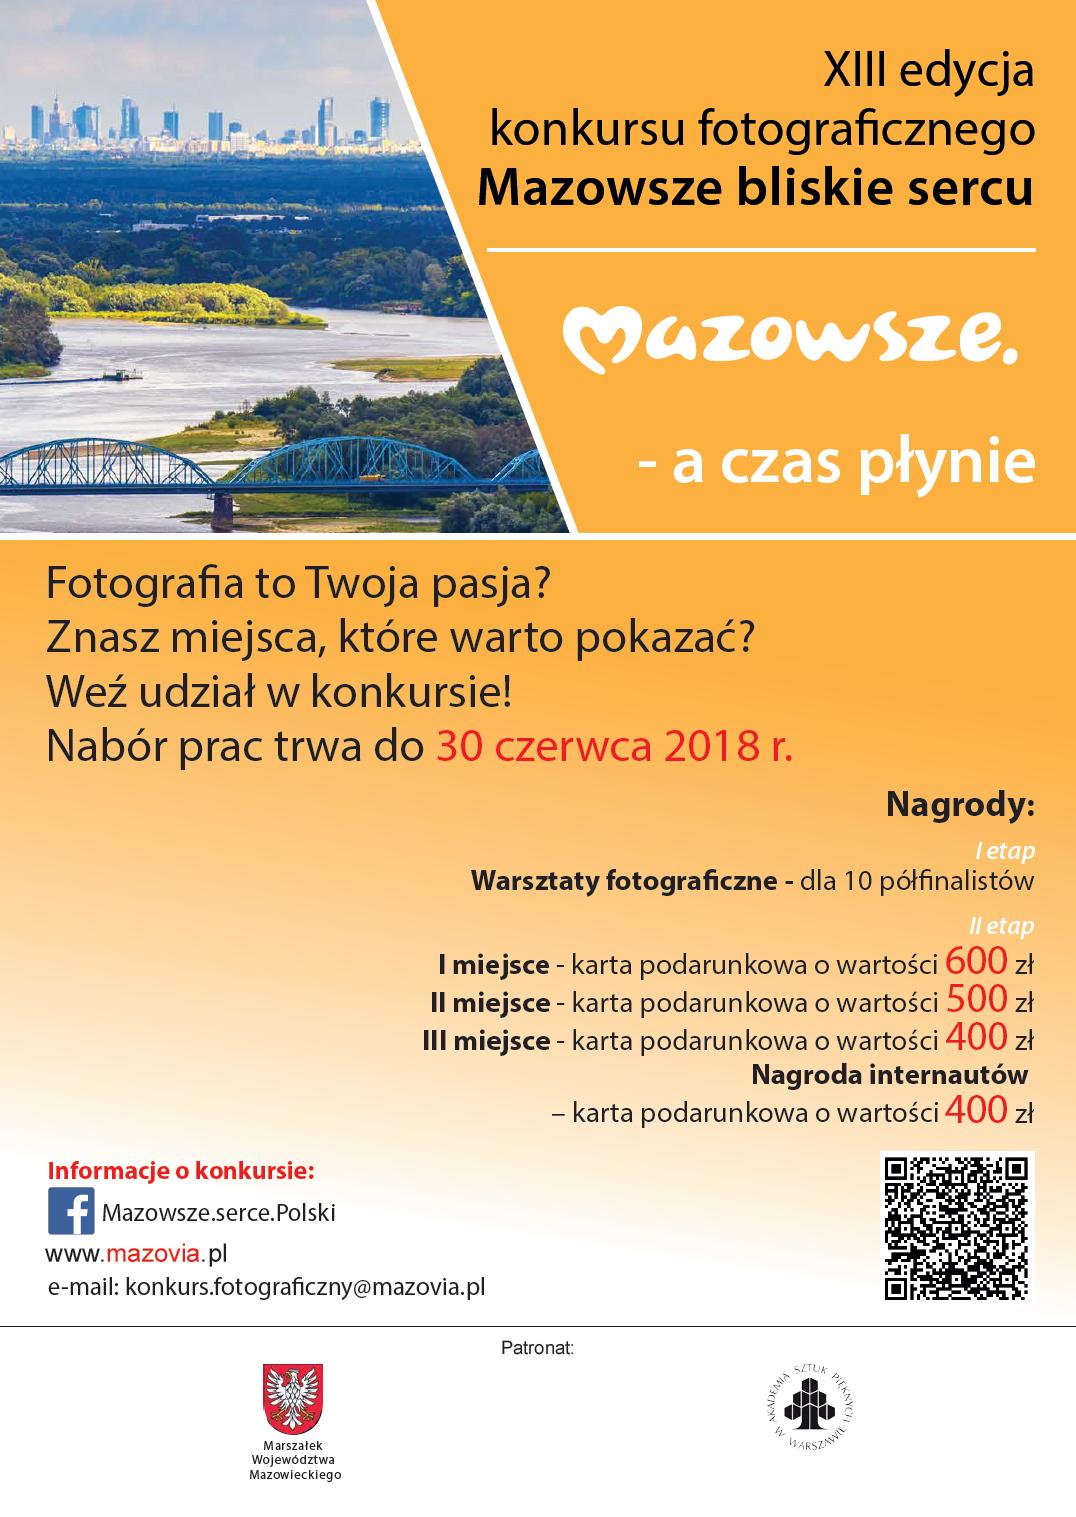 Obraz na stronie 2018-06-13_mazowsze_bliskie_sercu.png